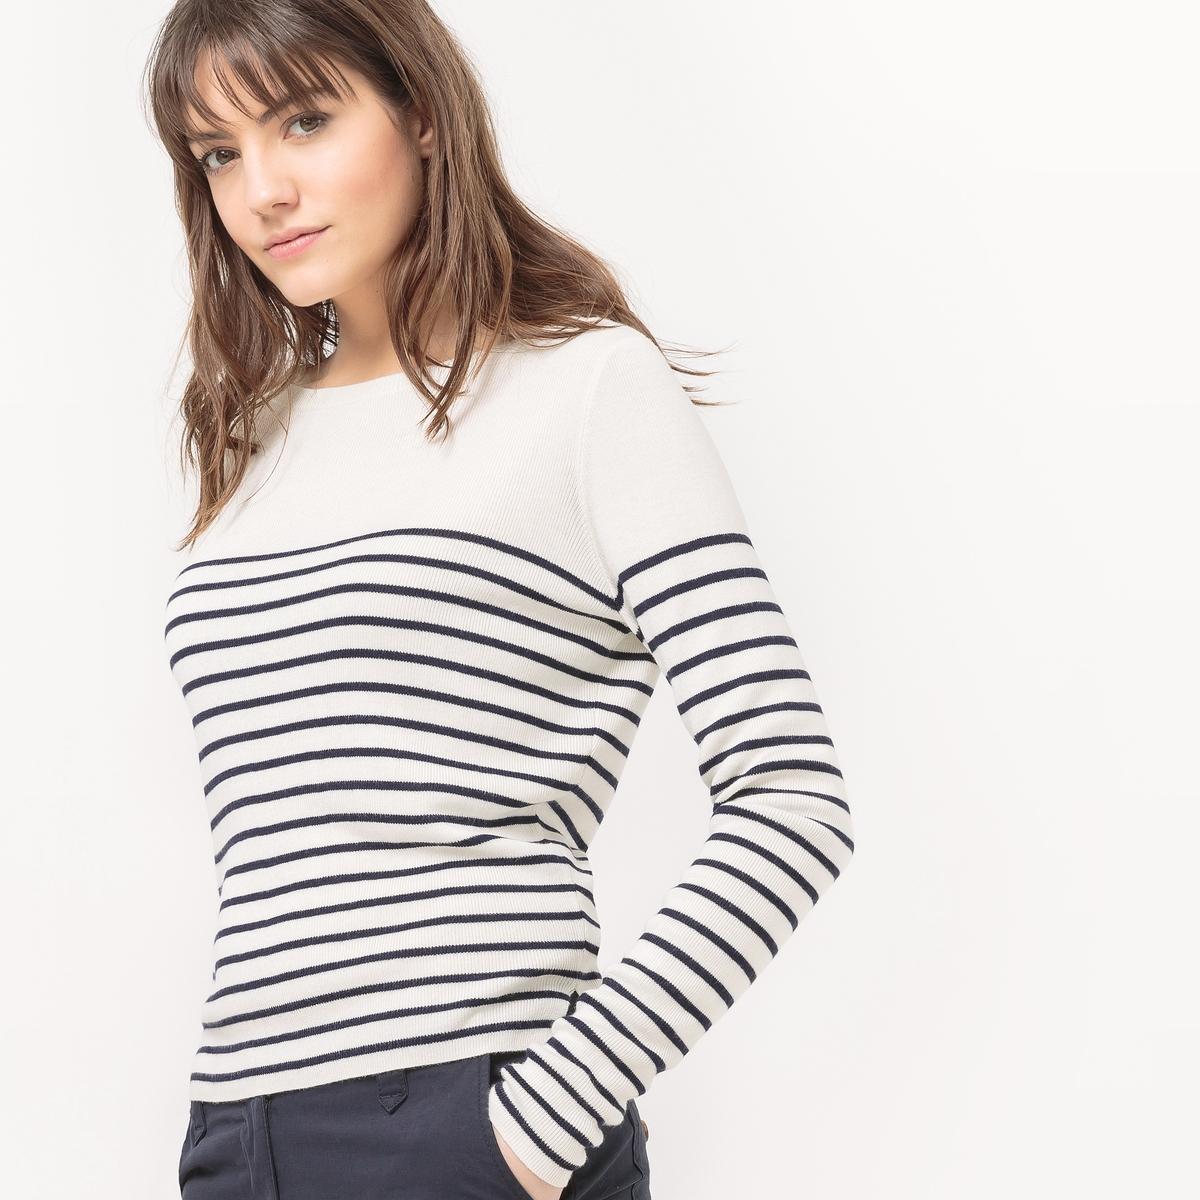 Пуловер в полоску в морском стилеДетали  •  Классическая модель •  Длинные рукава •  Круглый вырез •  Тонкий трикотаж •  Рисунок в полоскуСостав и уход •  80% вискозы, 20% полиамида •  Следуйте советам по уходу, указанным на этикетке<br><br>Цвет: в полоску белый/темно-синий<br>Размер: XL